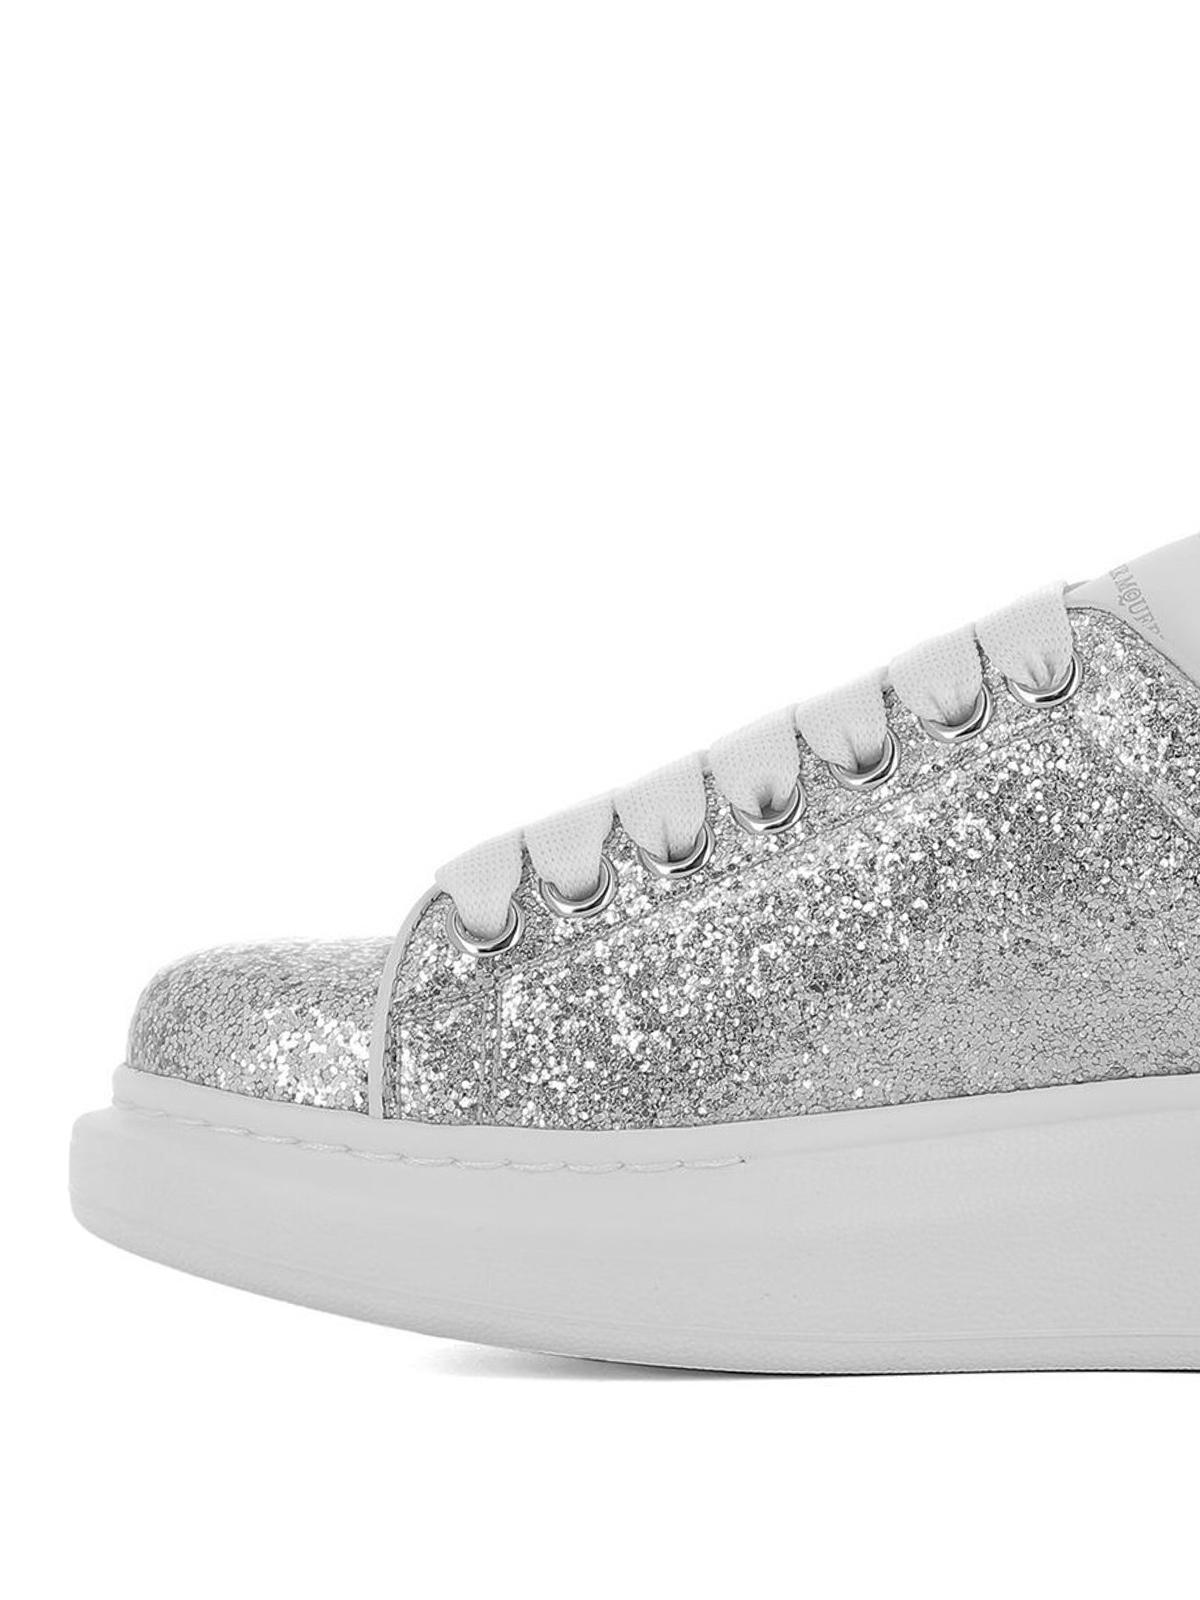 Alexander Mcqueen - Sneaker Oversize in glitter argento ...